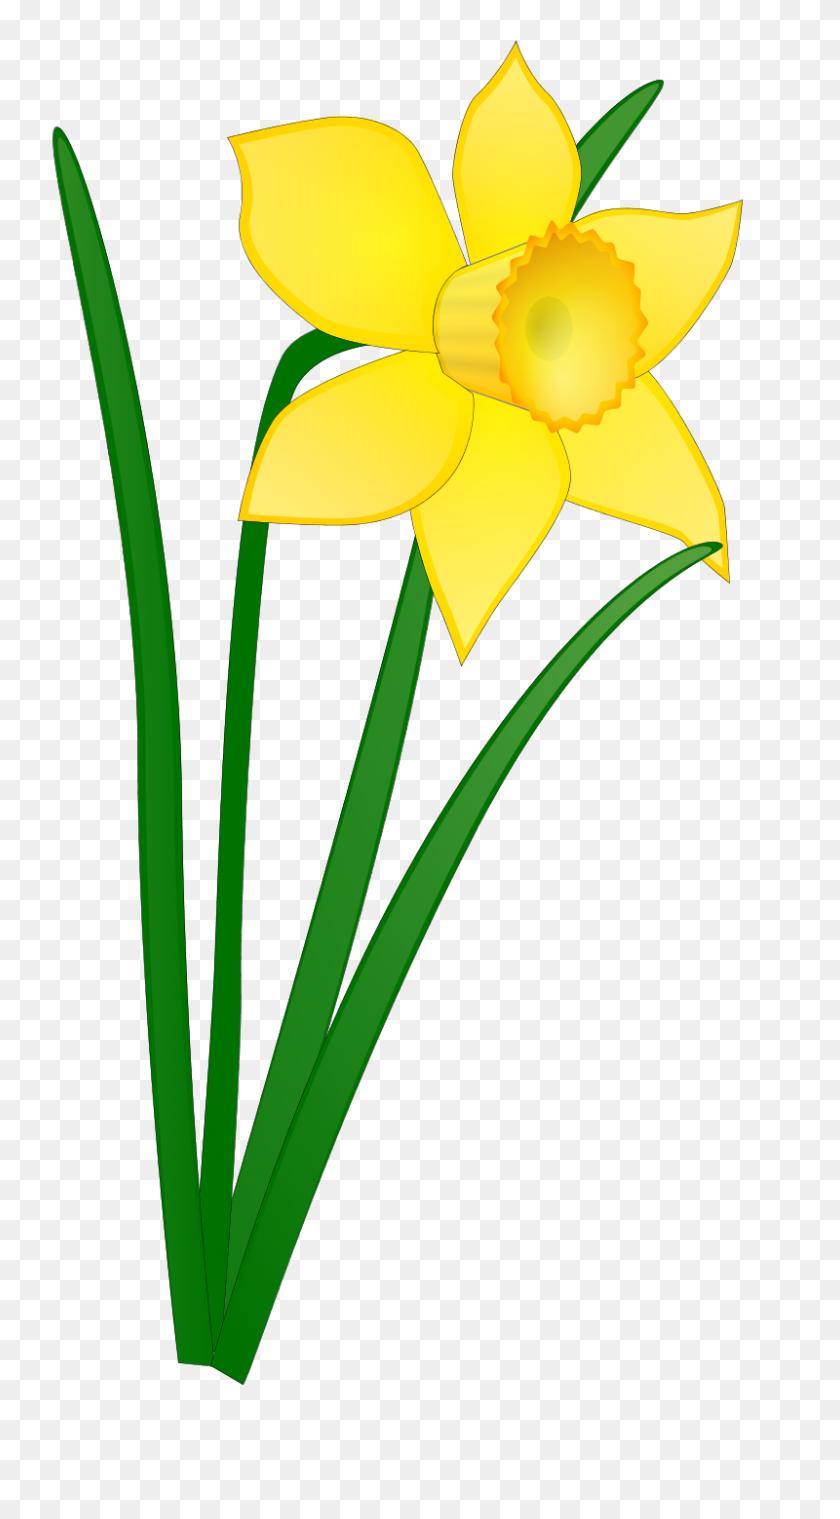 April Clip Art - April Flowers Clip Art